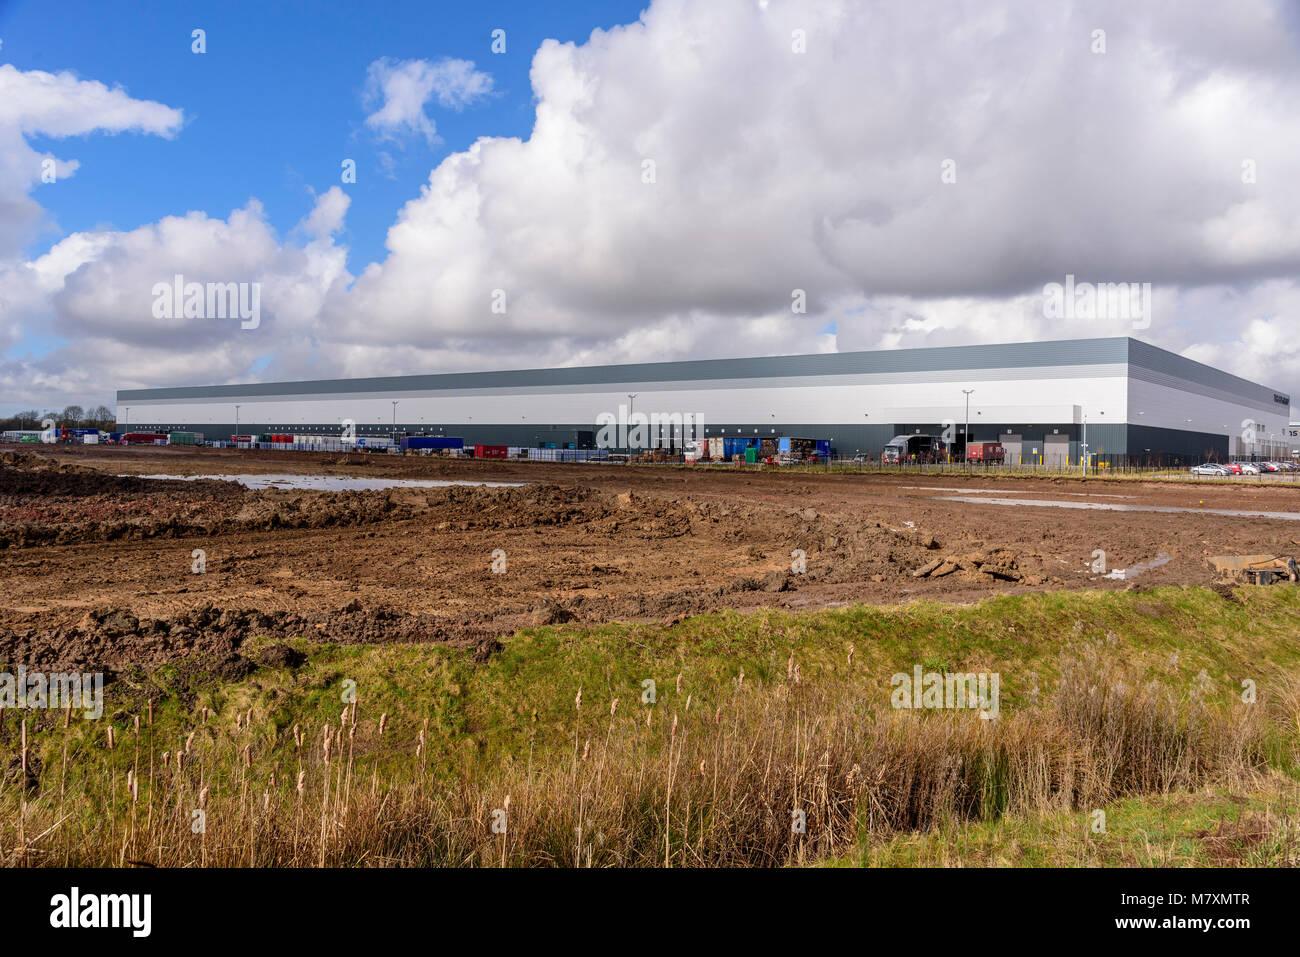 Un entrepôt de distribution massive de la Hutte sur le développement d'Omega à Warrington. Photo Stock